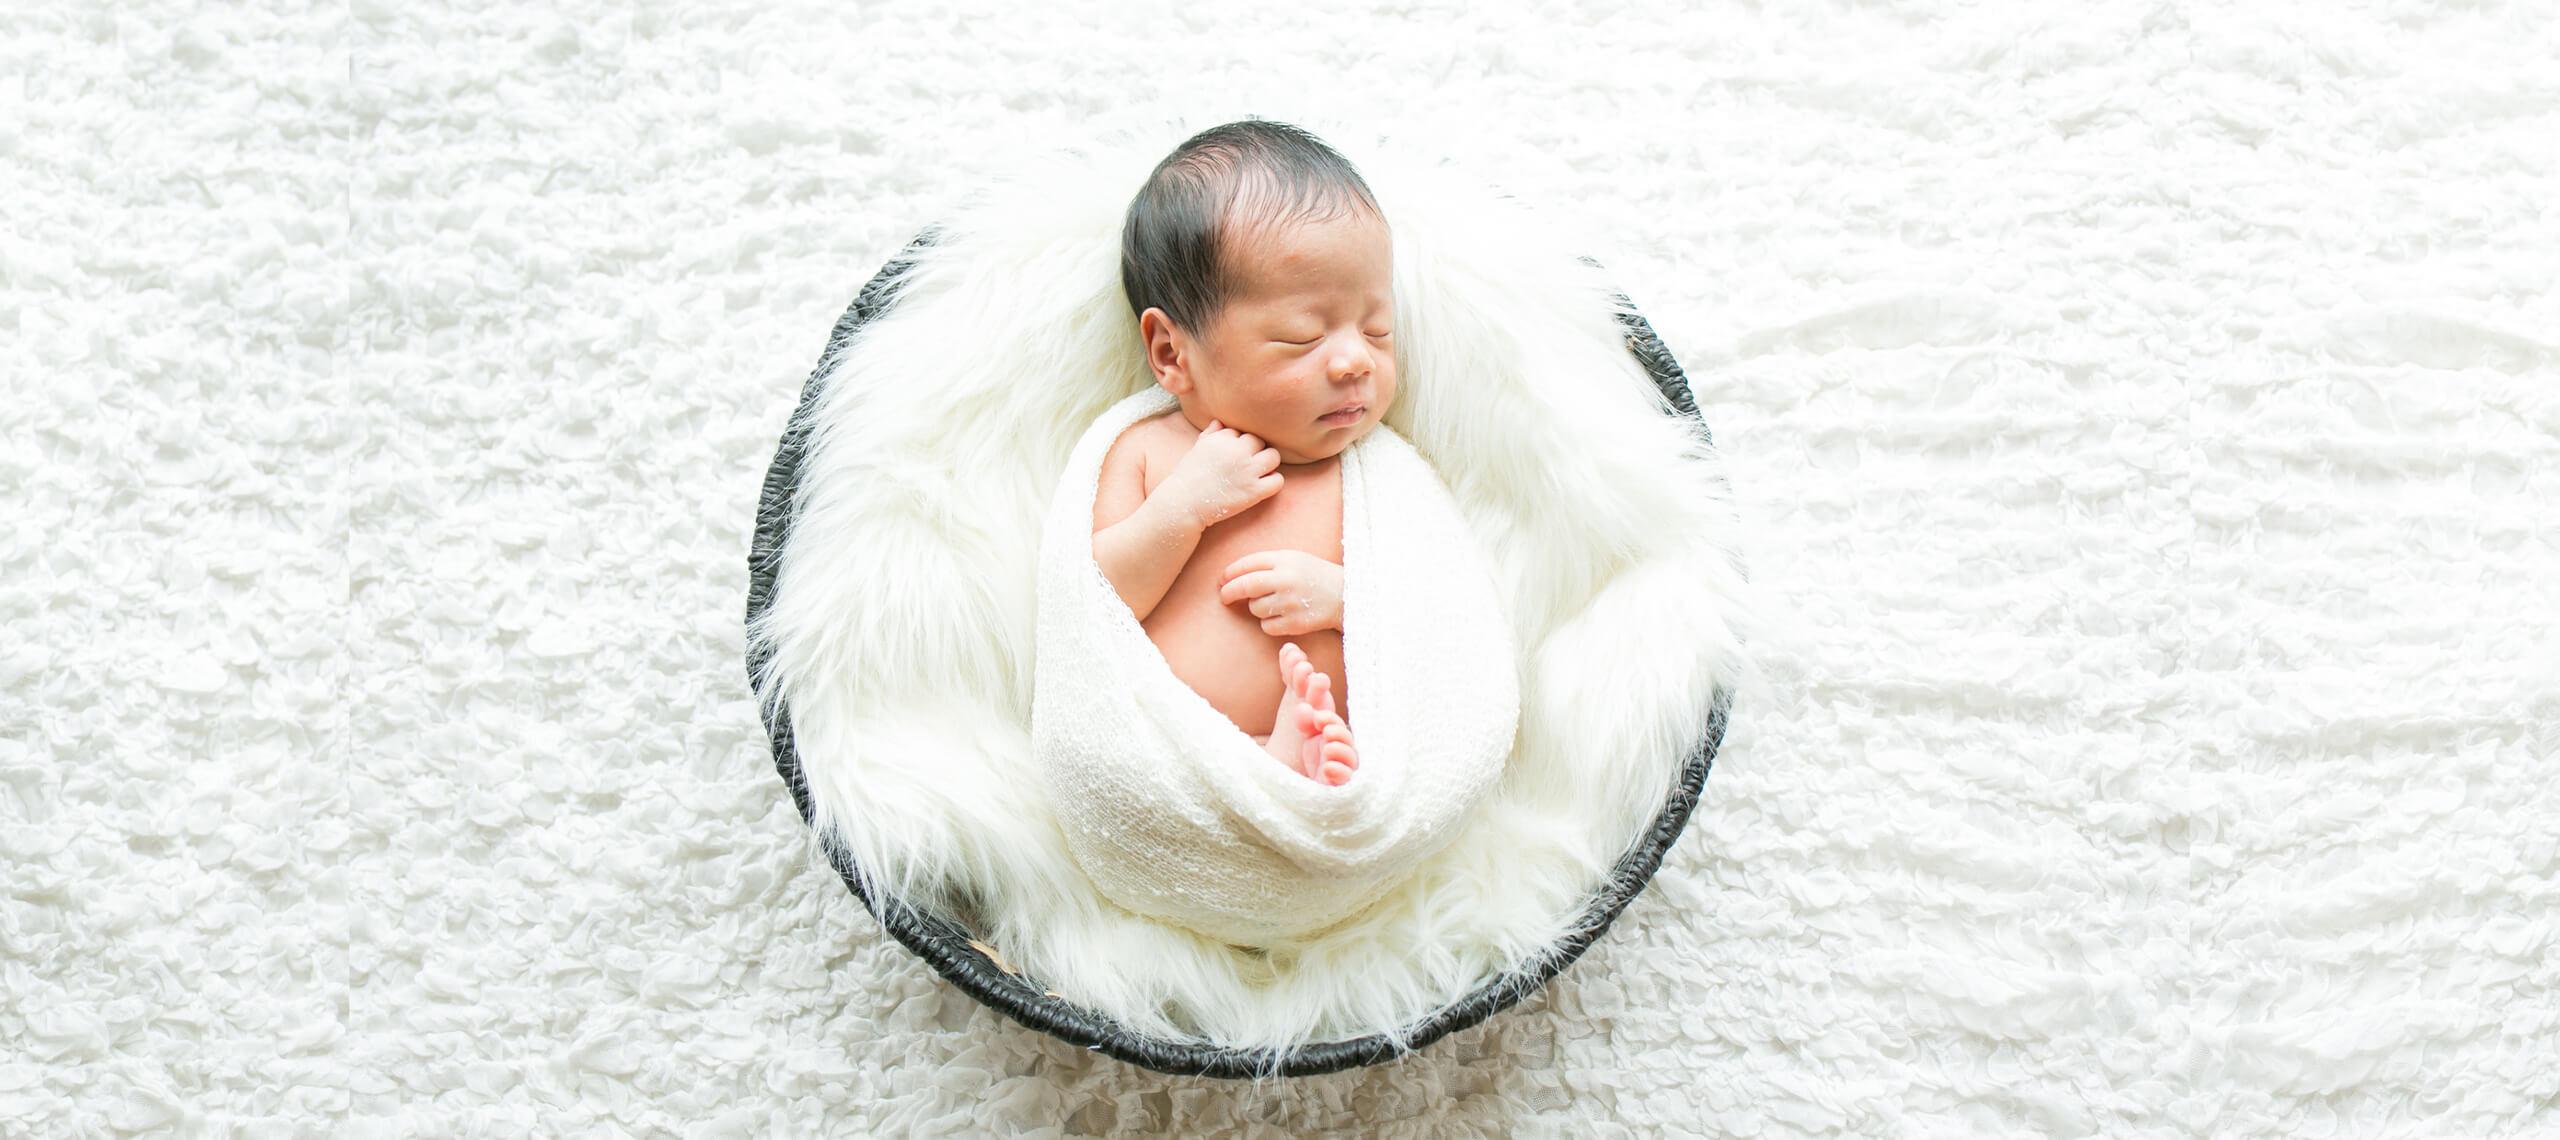 妊娠・出産の方も、治療の方も、末永くいつでも相談できる場所でありたい。